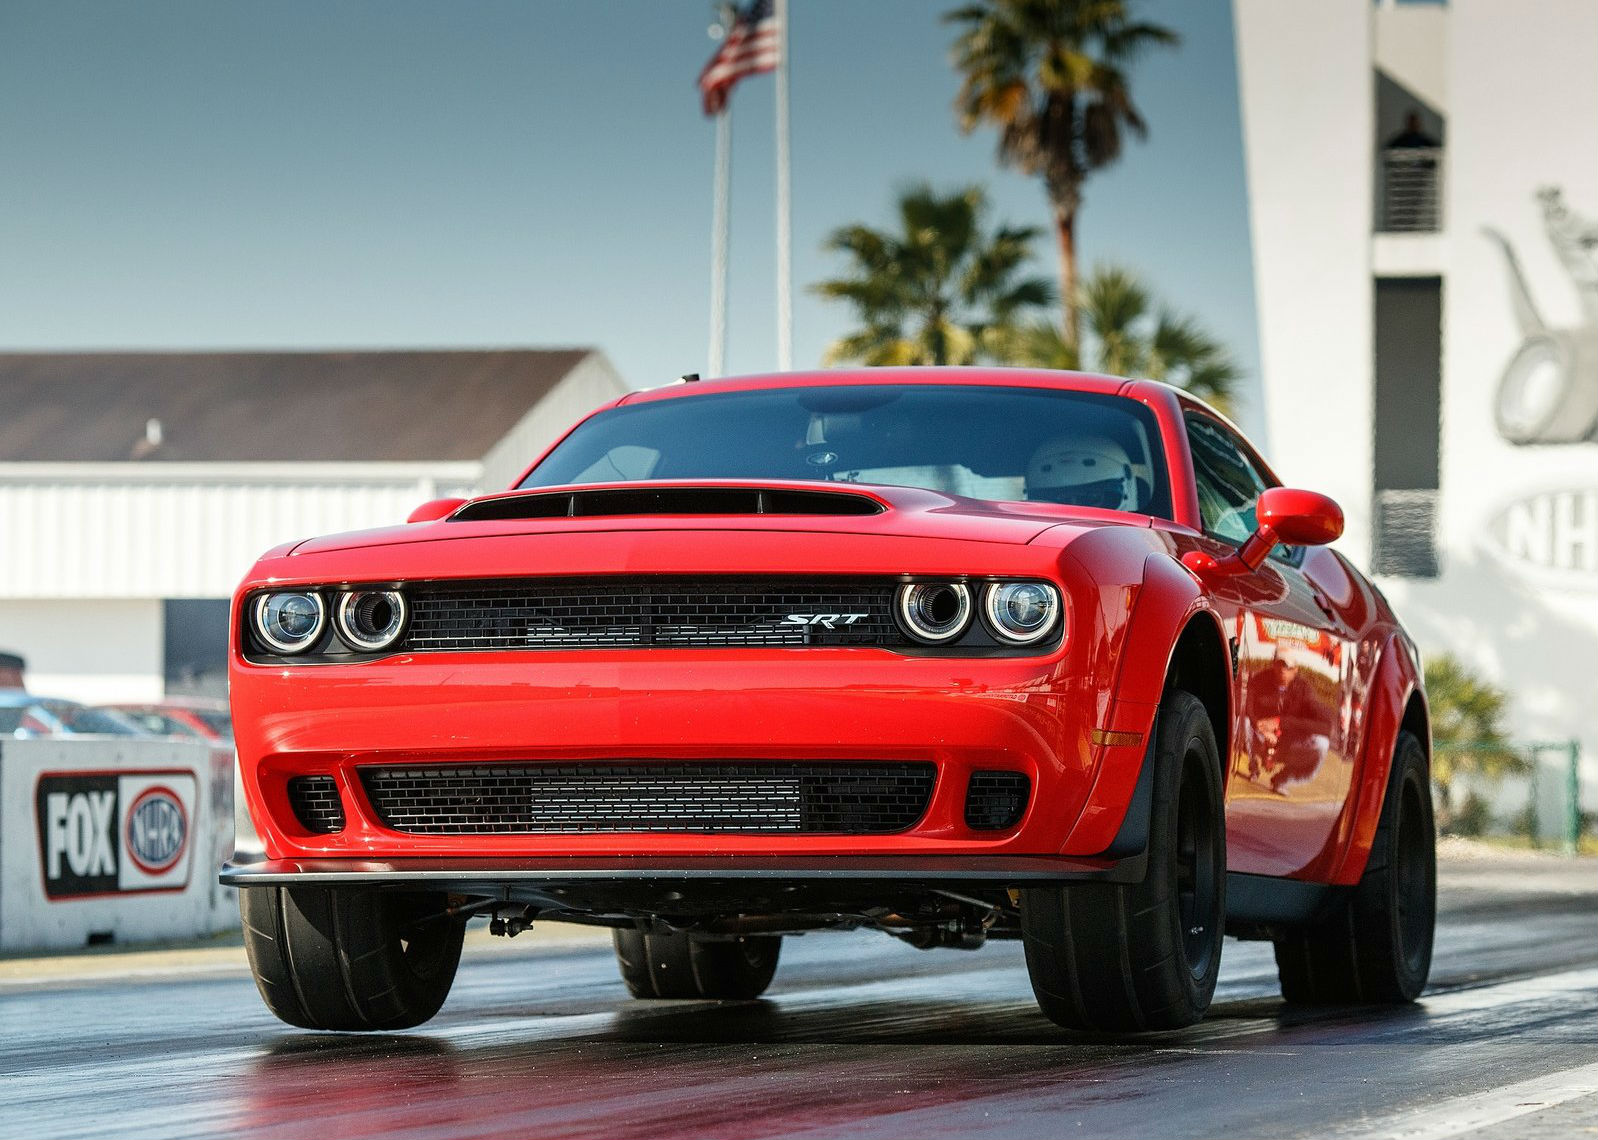 Dodge Challenger Demon Tem Preco Definido No Brasil Jornal Do Carro Estadao